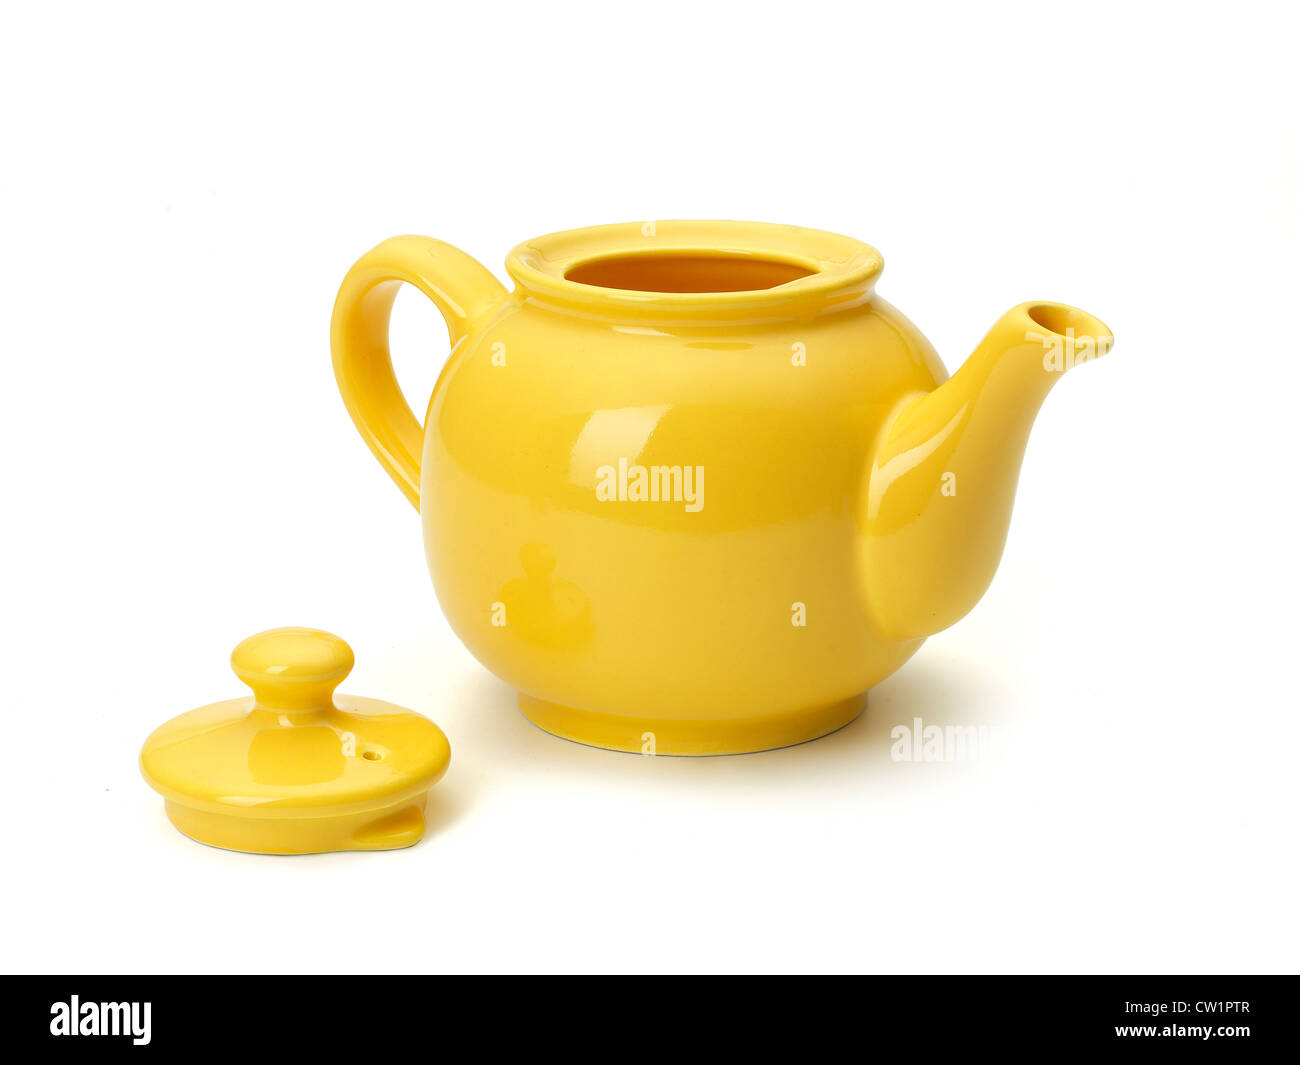 yellow tea pot on white background - Stock Image